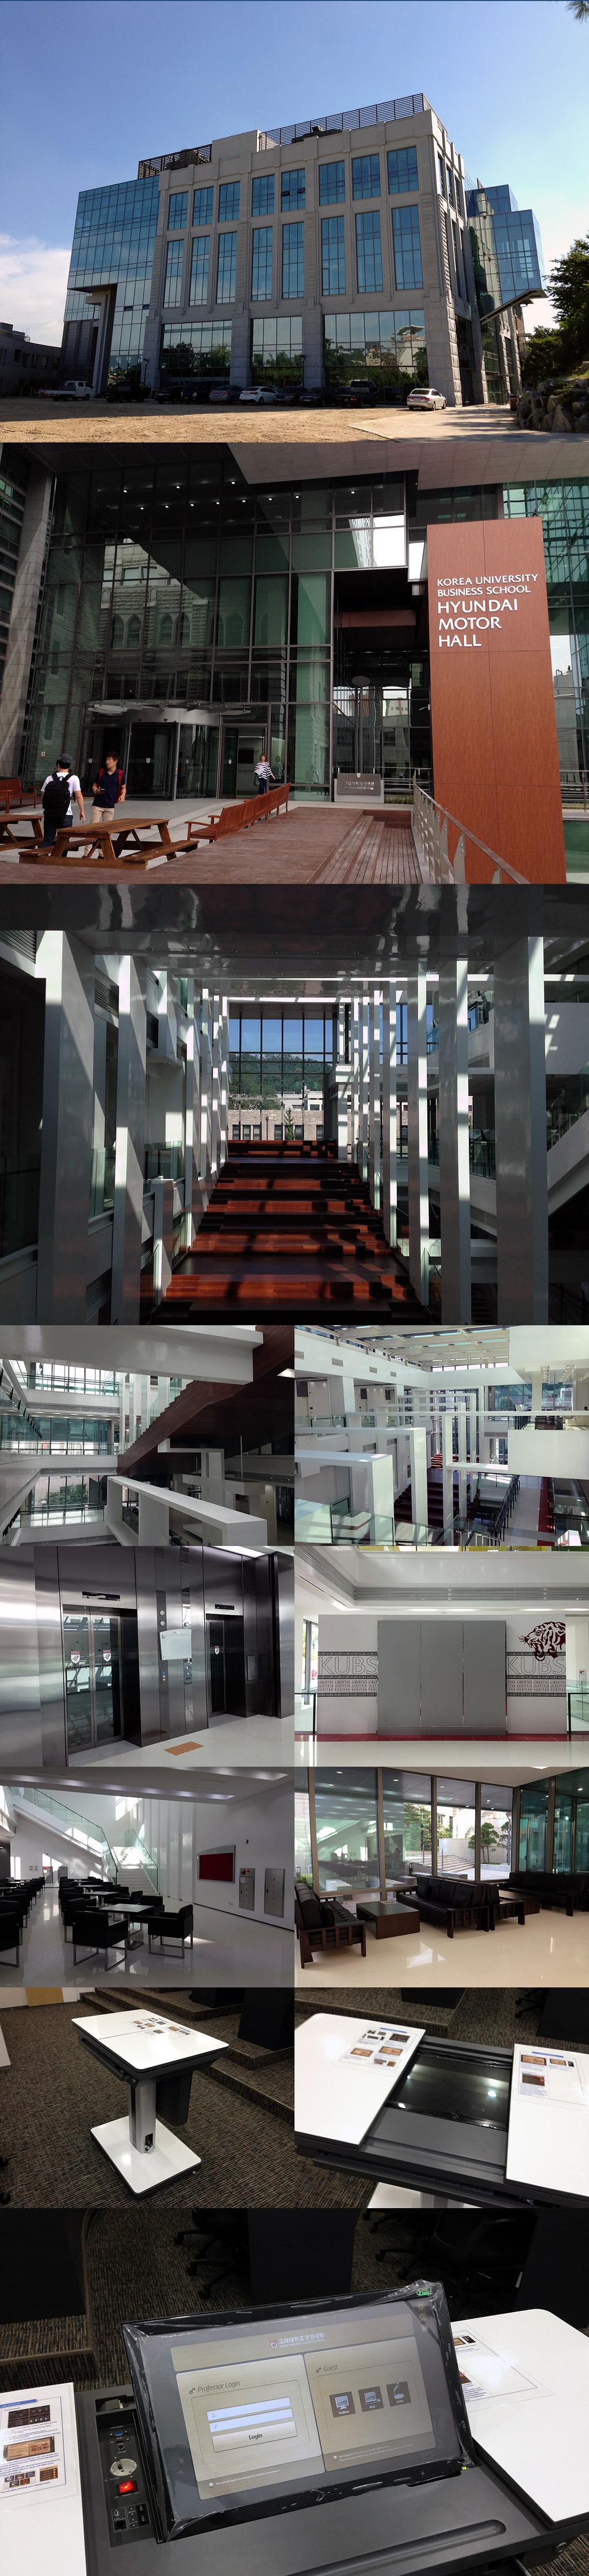 오늘부터 쓰고있는 고려대 경영대학 3번째 건물 현대자동차경영관 | 인스티즈